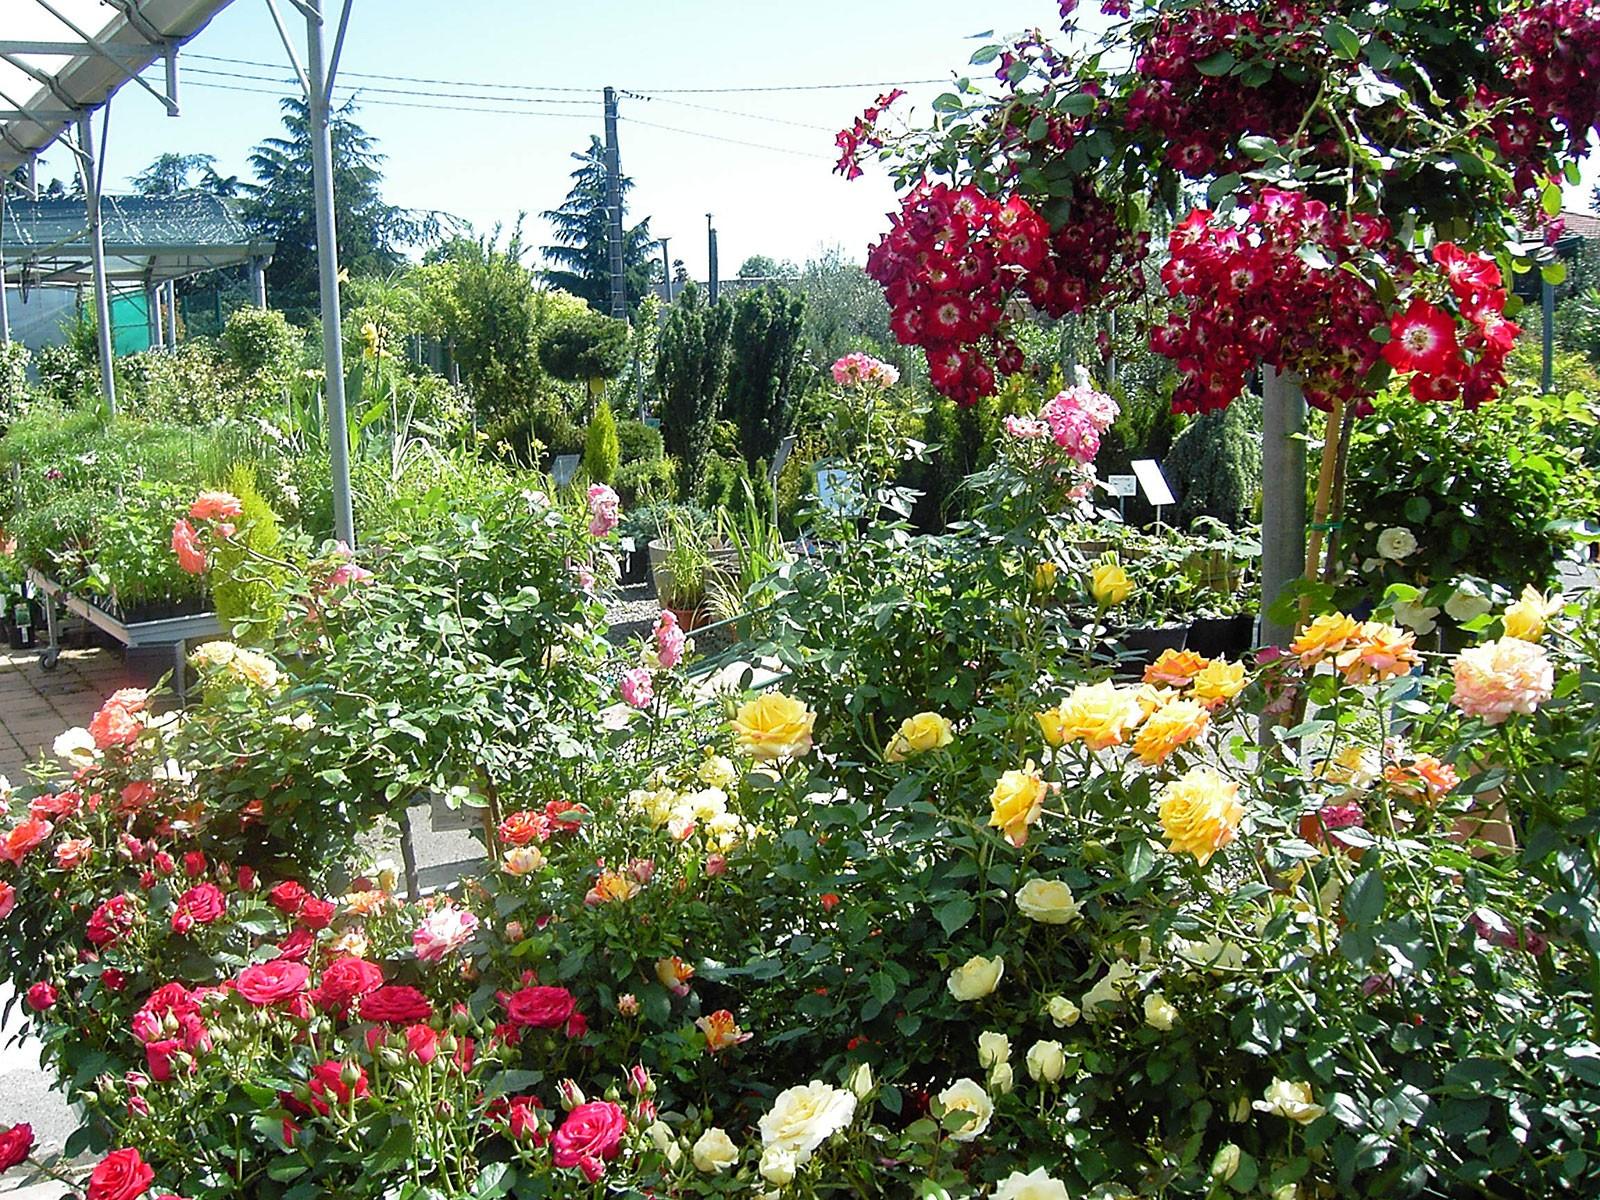 Jardinerie Pas Cher Toulouse espaces verts du languedoc - jardinerie et pépinière familiale